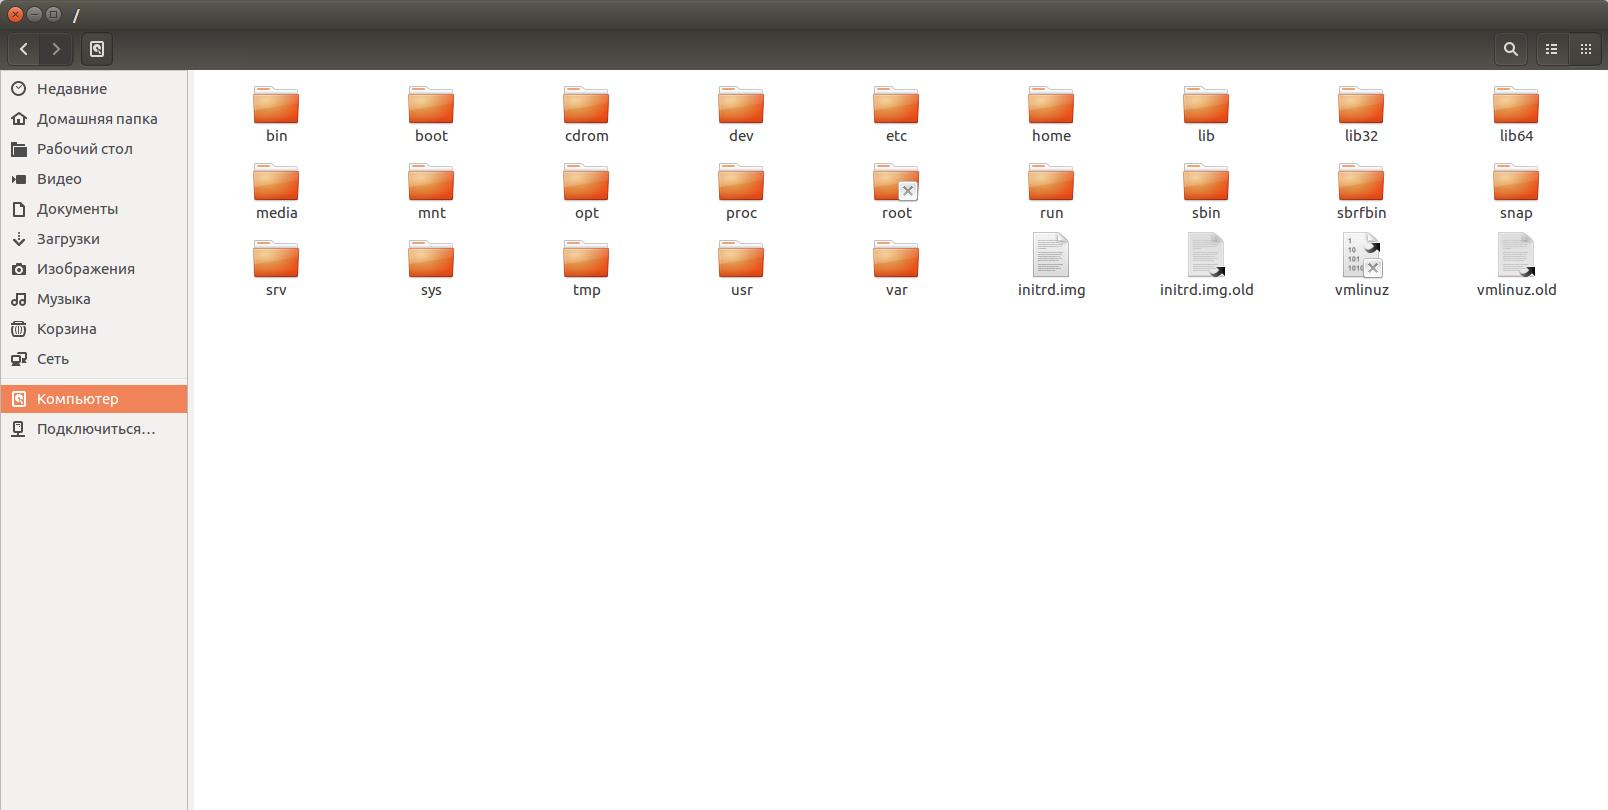 Как создать виртуальный том жесткого диска с помощью файла в Linux